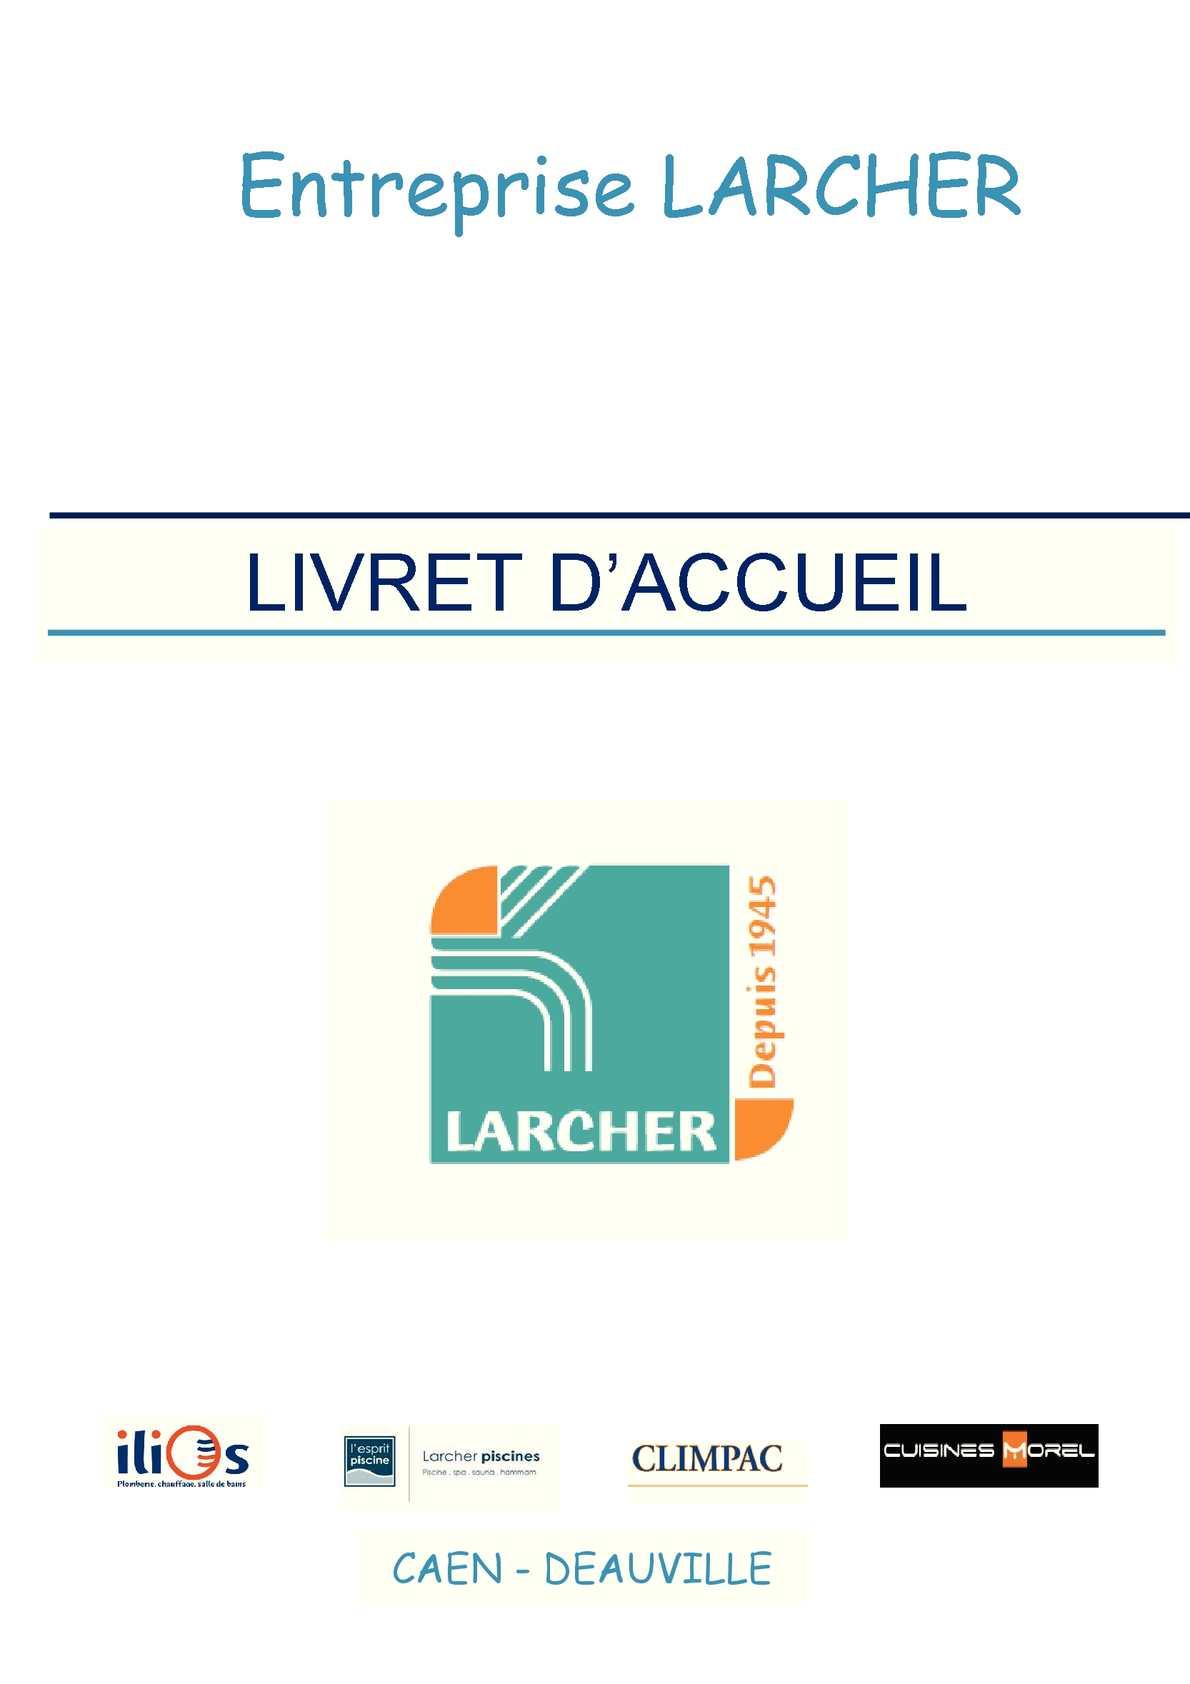 Calameo Livret D Accueil Entreprise Larcher